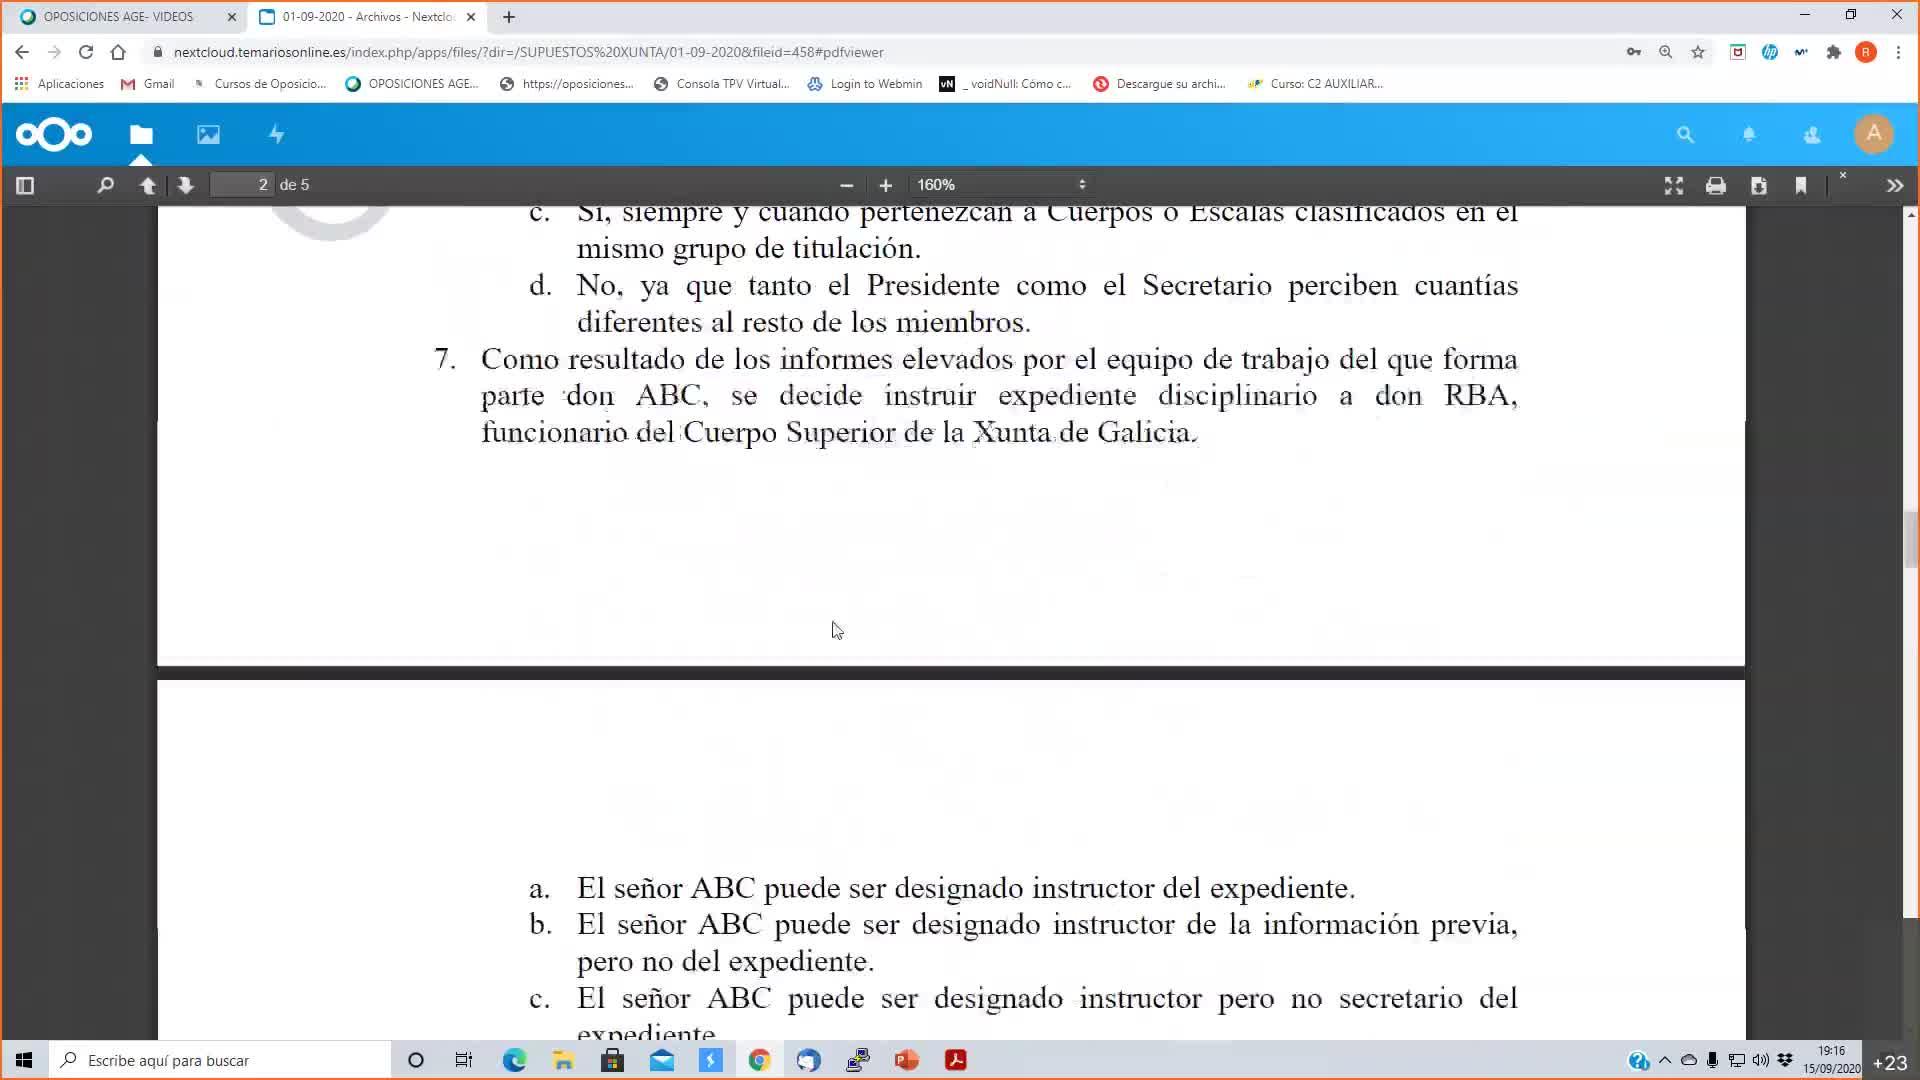 Supuestos Xunta 15-09-2020